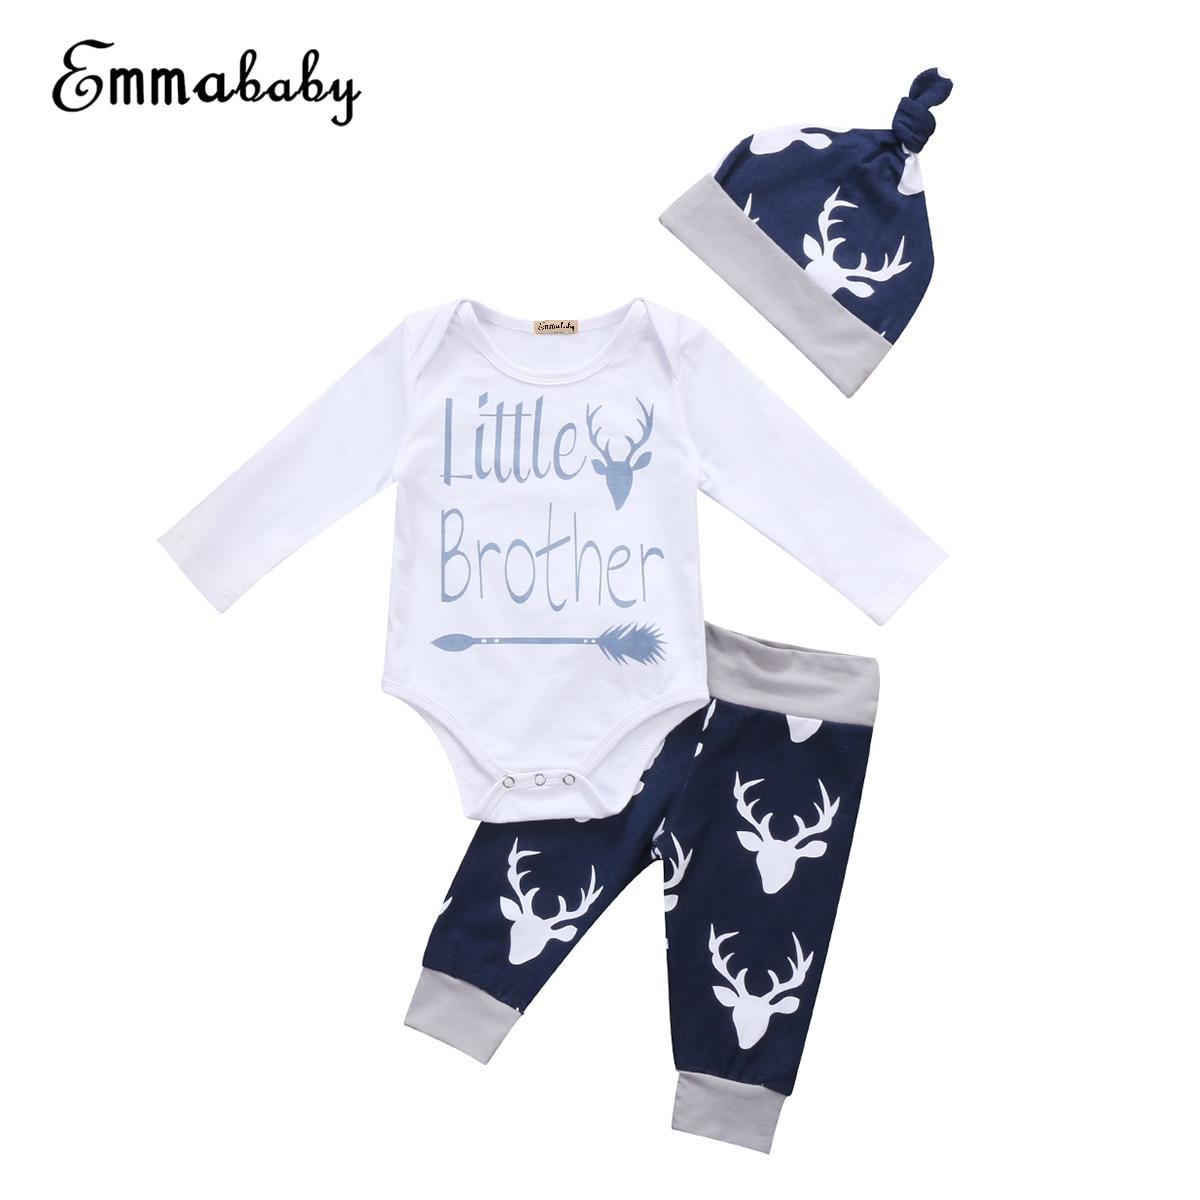 Новый Повседневное детская одежда комплект комплекты из 3 предметов для новорожденных для маленьких мальчиков Топы Корректирующие боди с д...